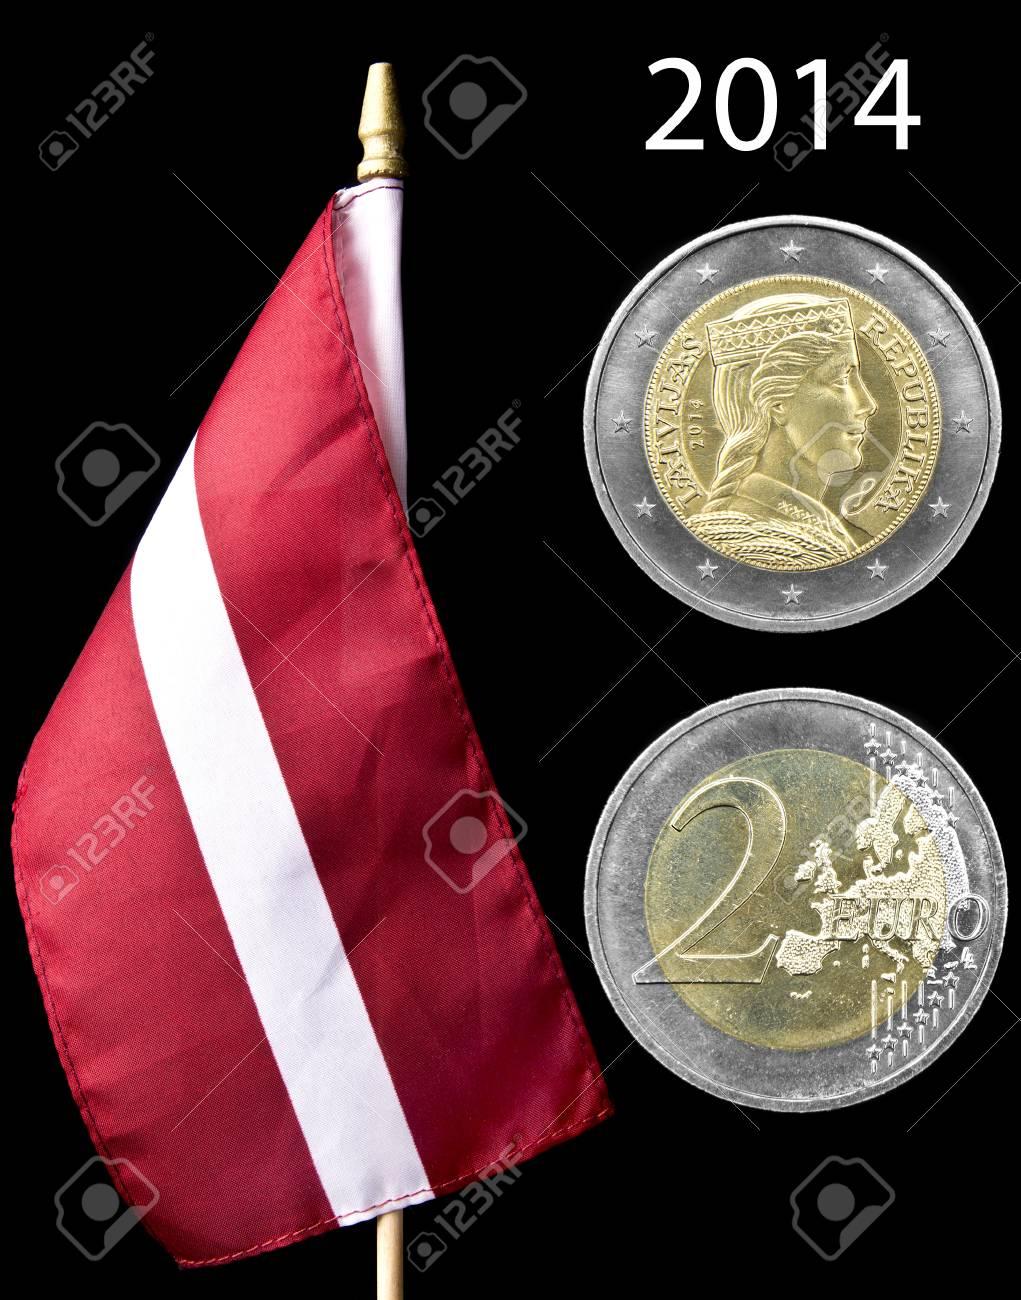 Nationalflagge Von Lettland Mit 2 Euro Münze Isoliert Auf Schwarz